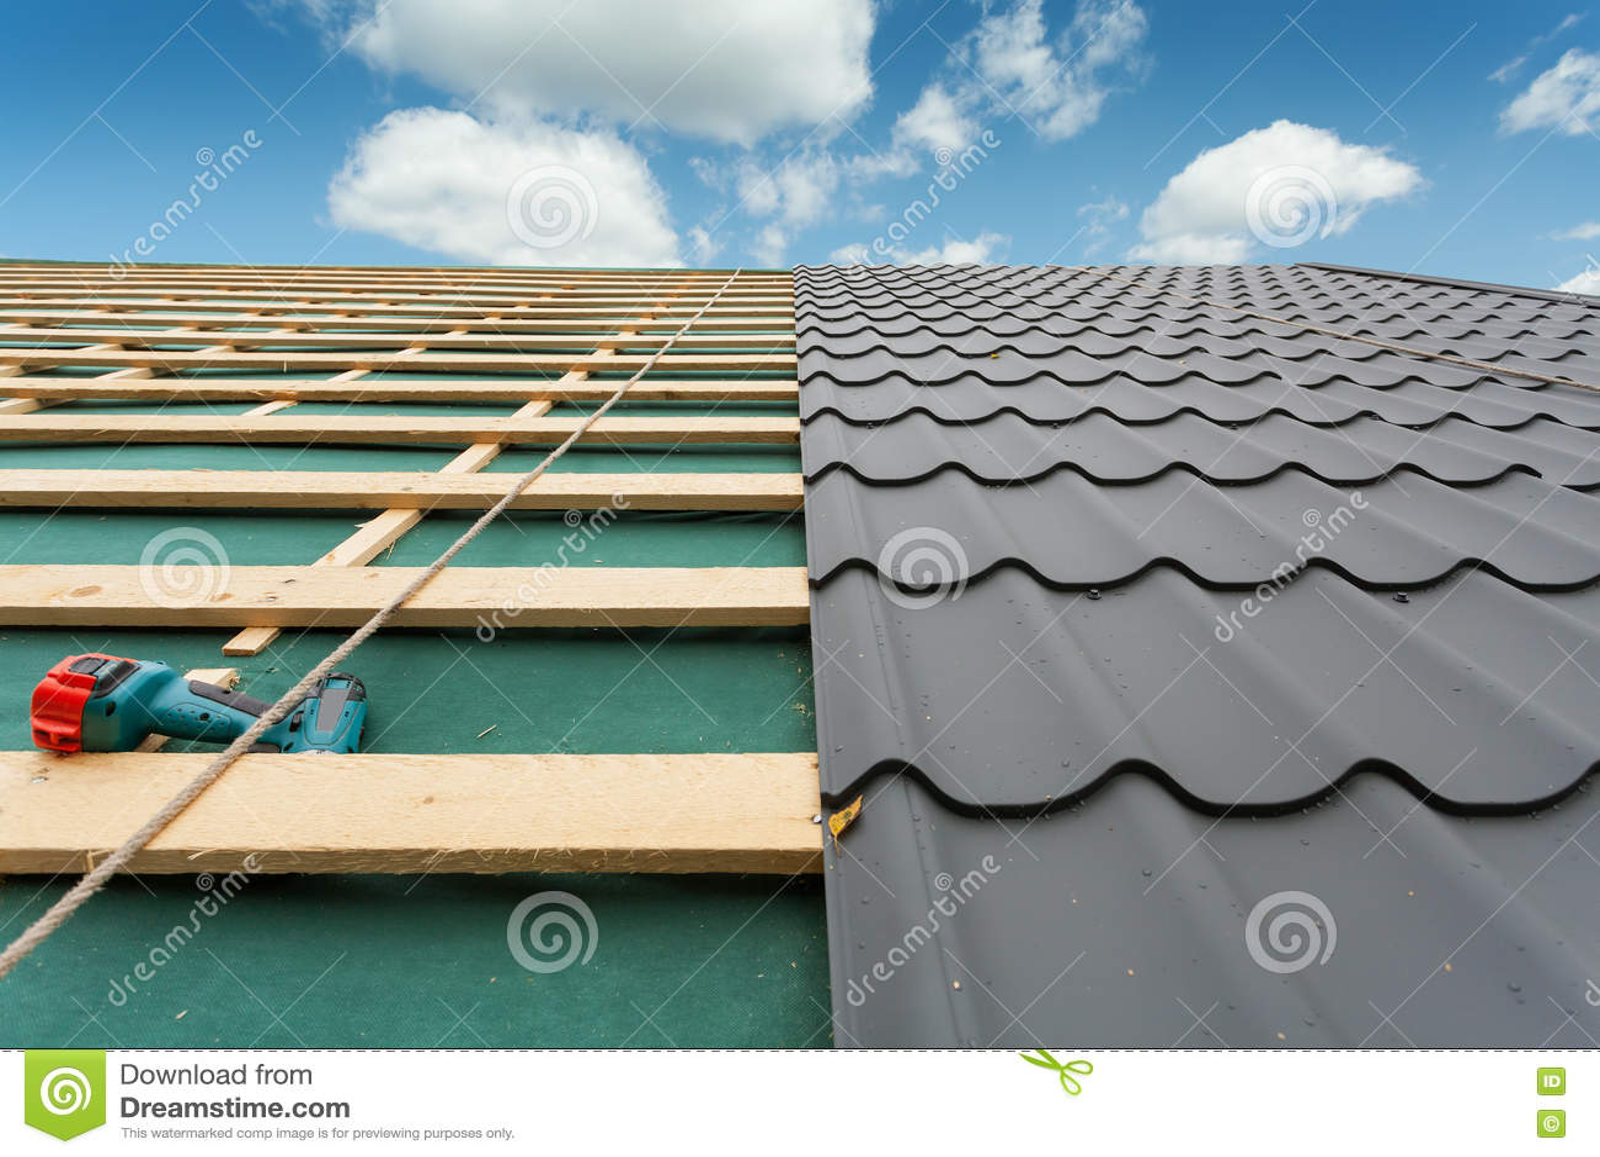 σπίτι κατασκευής κάτω Στέγη με το κεραμίδι μετάλλων, το κατσαβίδι και το σίδηρο υλικού κατασκευής σκεπής